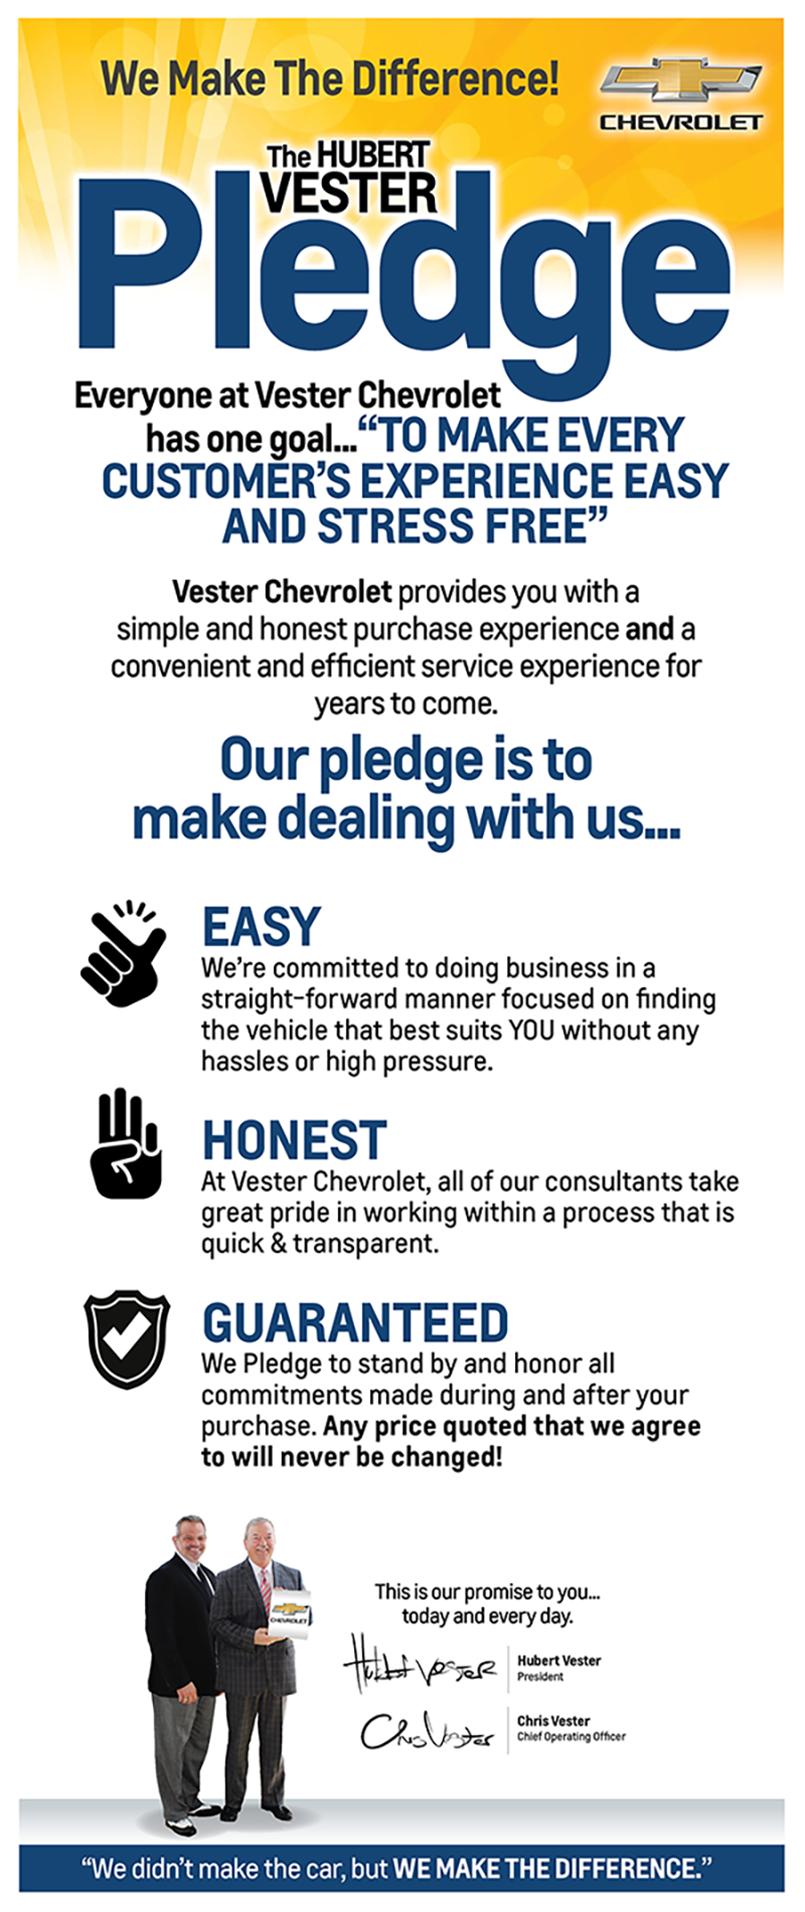 The Hubert Vester Pledge Hubert Vester Chevrolet